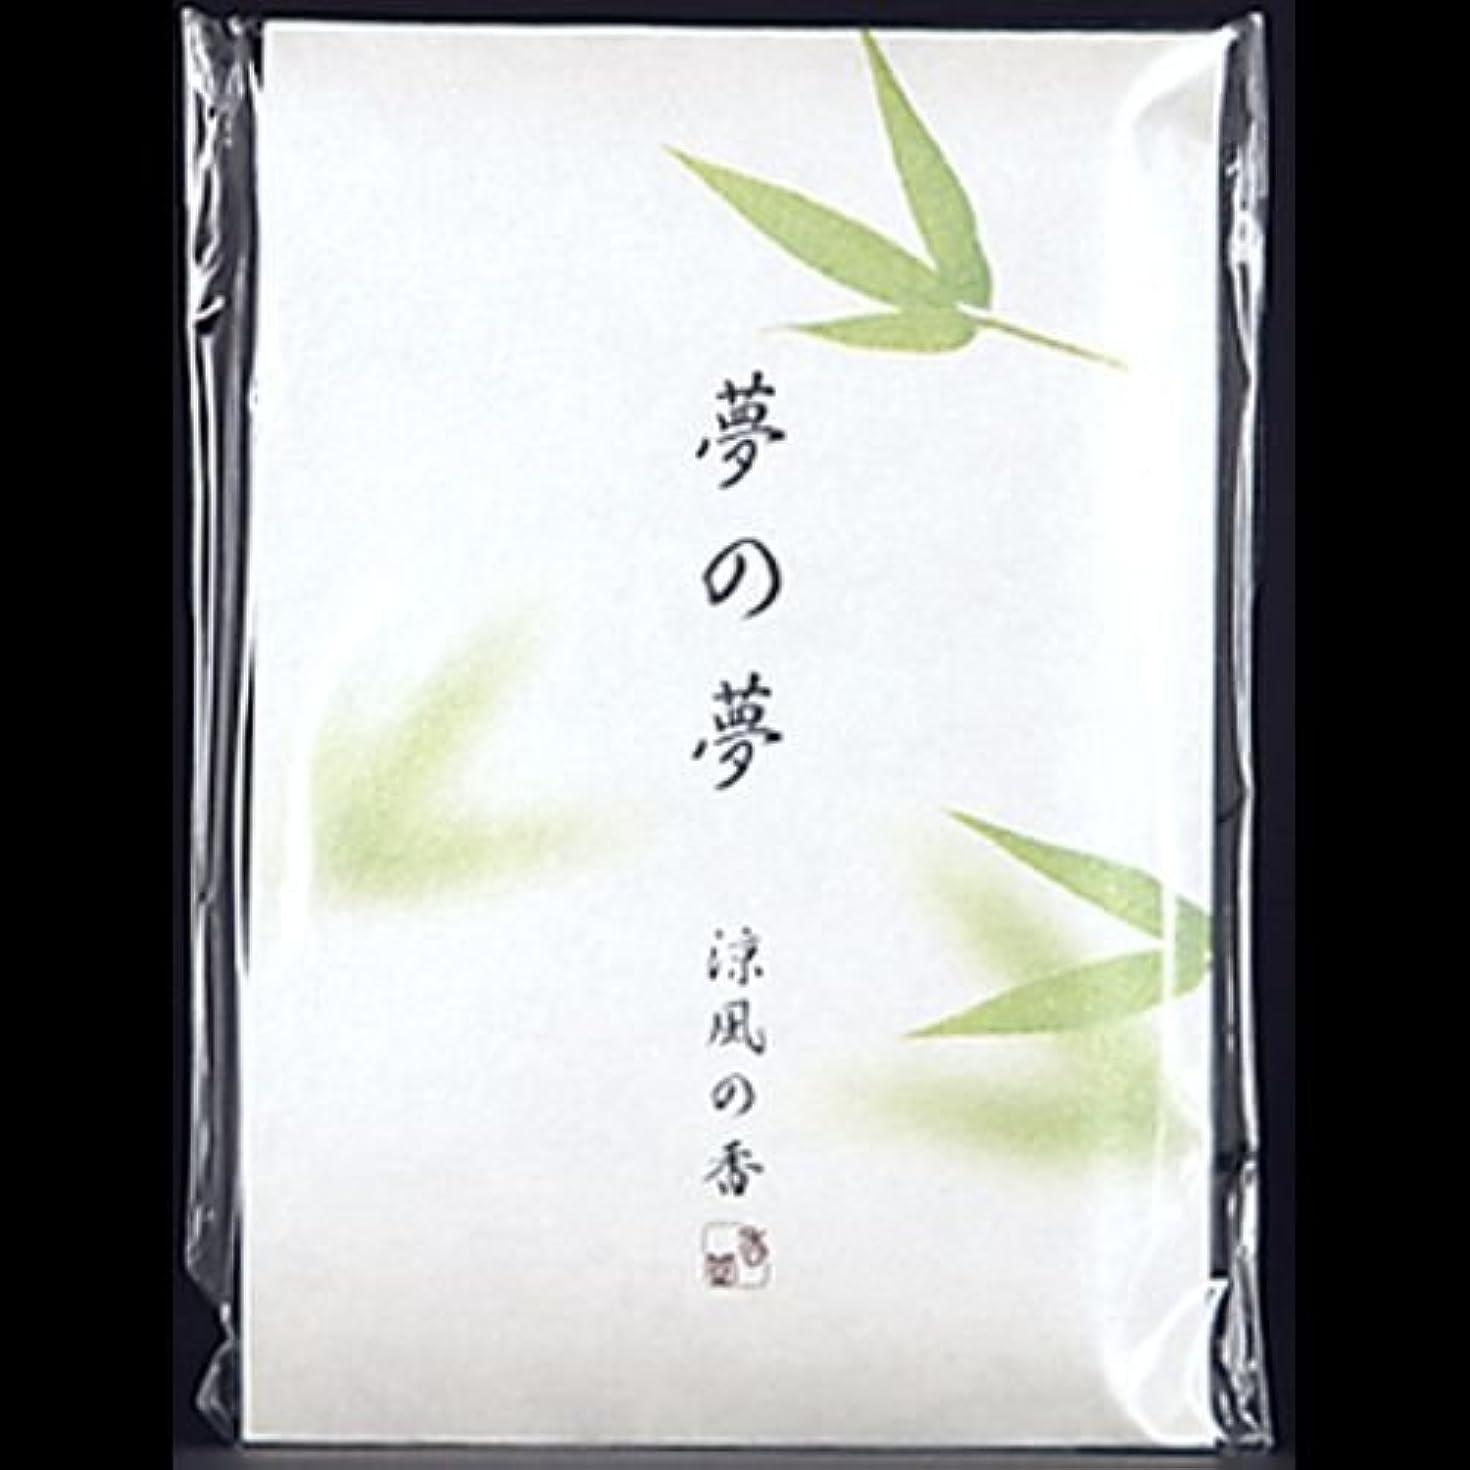 名前でまともなマウントバンク【まとめ買い】夢の夢 涼風の香 (笹) スティック12本入 ×2セット